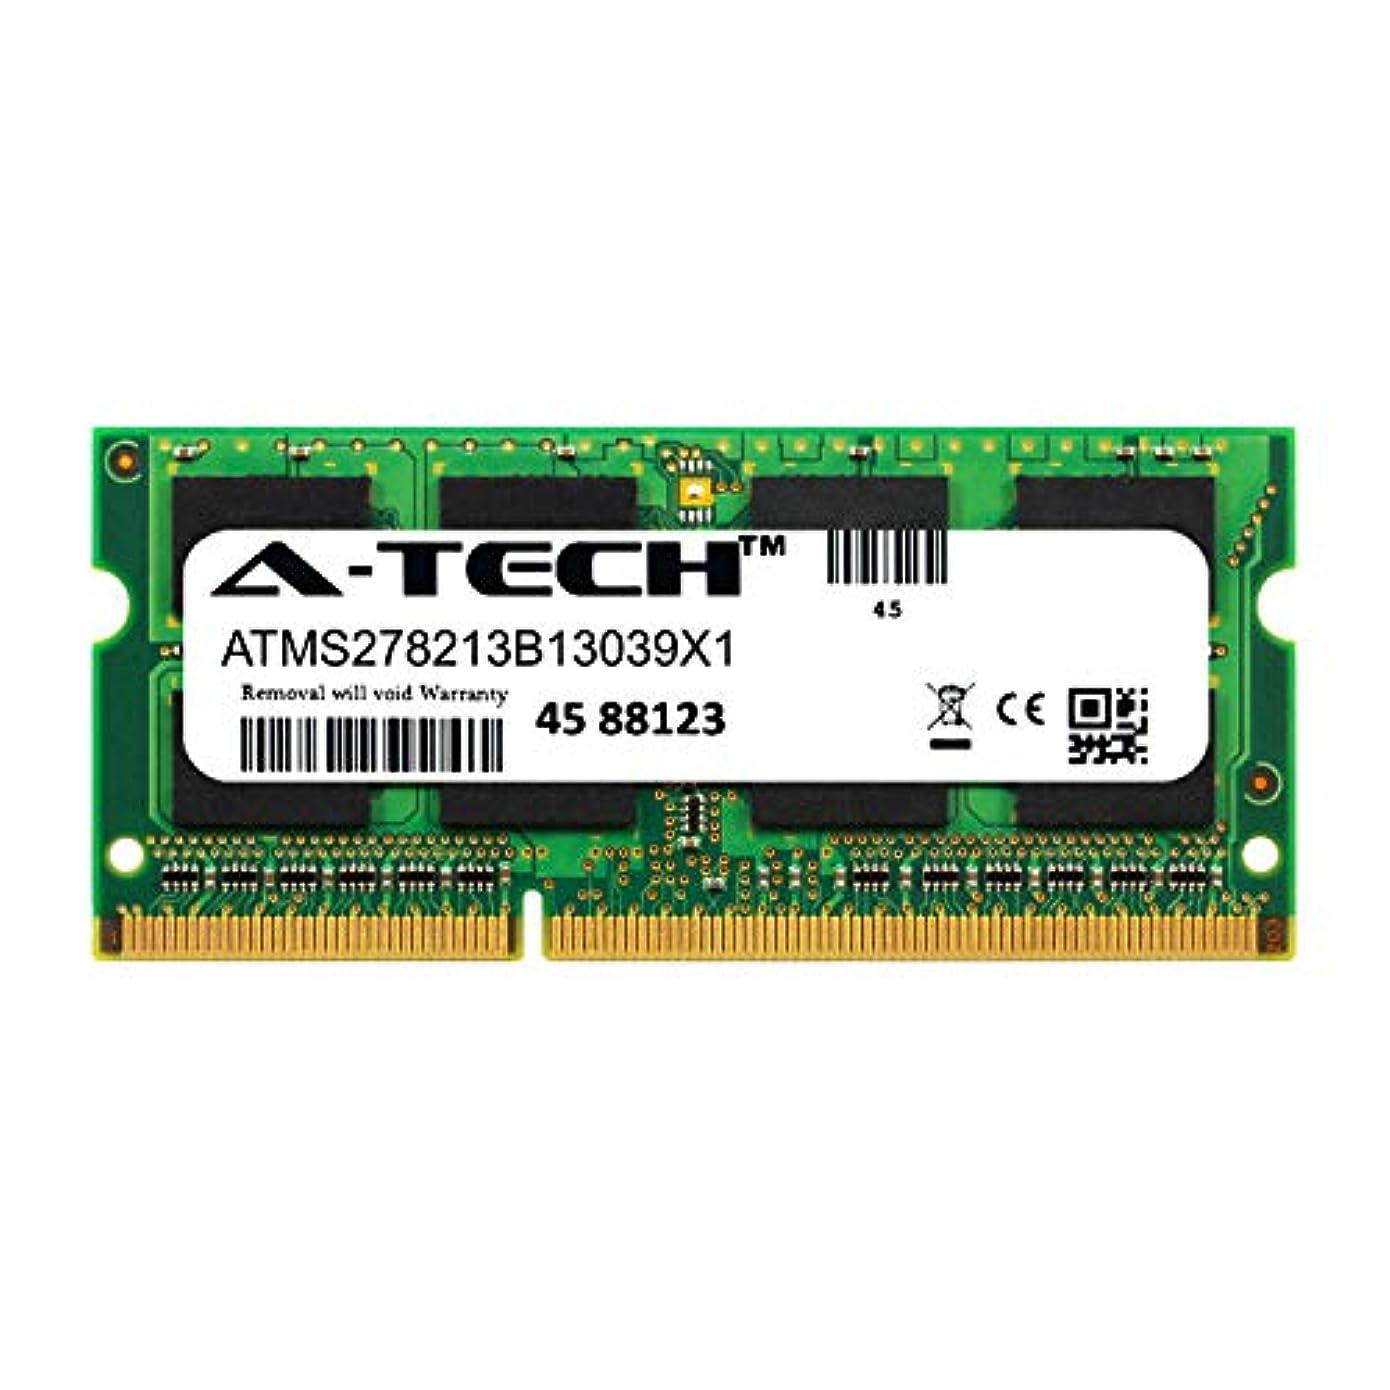 オークランドあいさつ固体A-Tech 4GB モジュール Dell Latitude E6540 ノートパソコン & ノートブック 互換 DDR3/DDR3L PC3-14900 1866Mhz メモリー RAM (ATMS278213B13039X1)